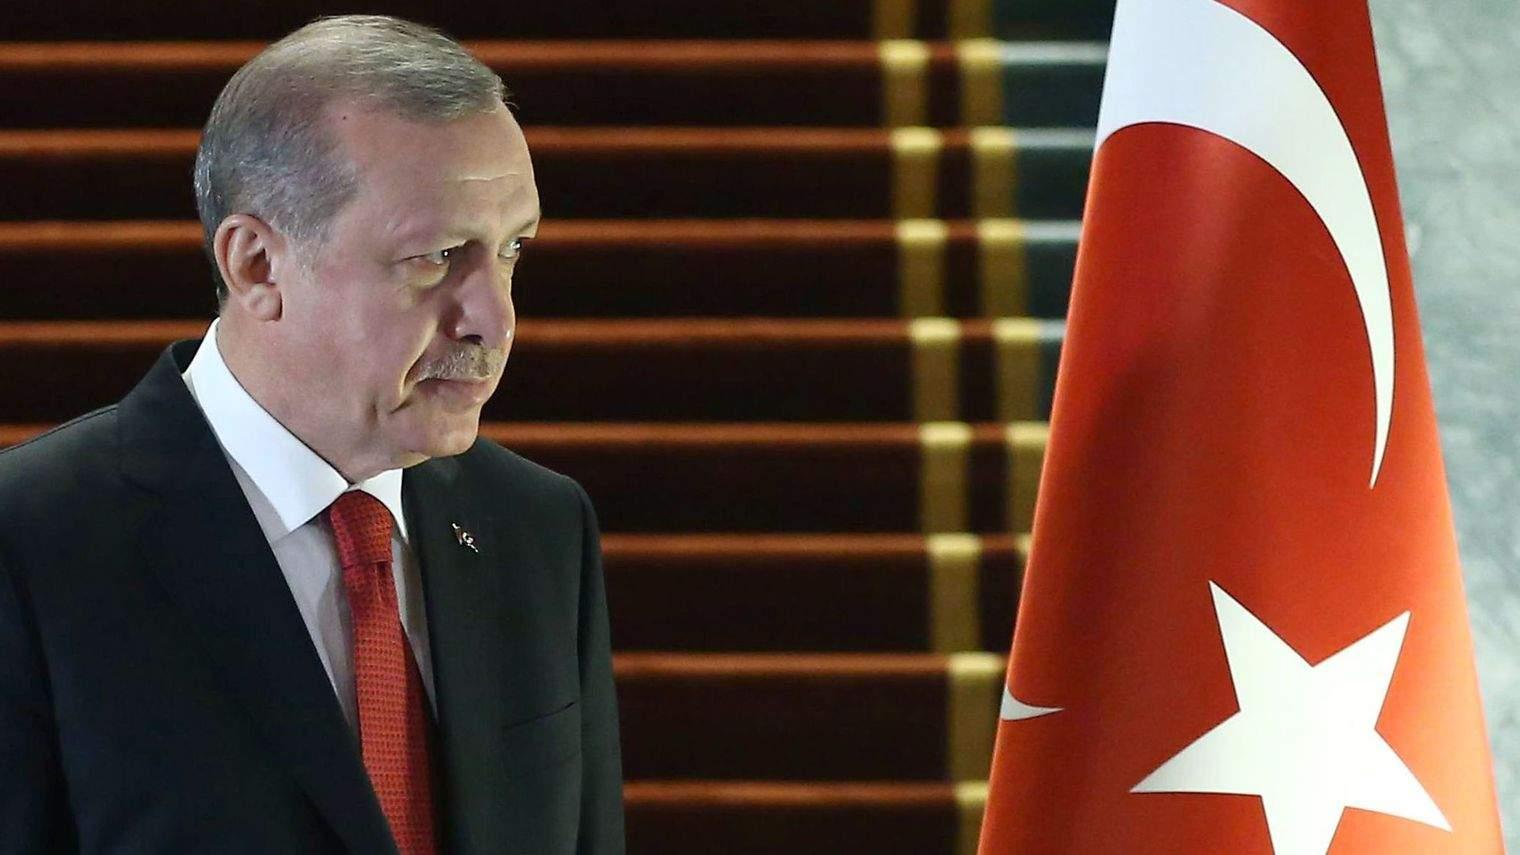 صحيفة: أنصار غولن حاولوا اغتيال أردوغان أثناء عملية جراحية في 2012